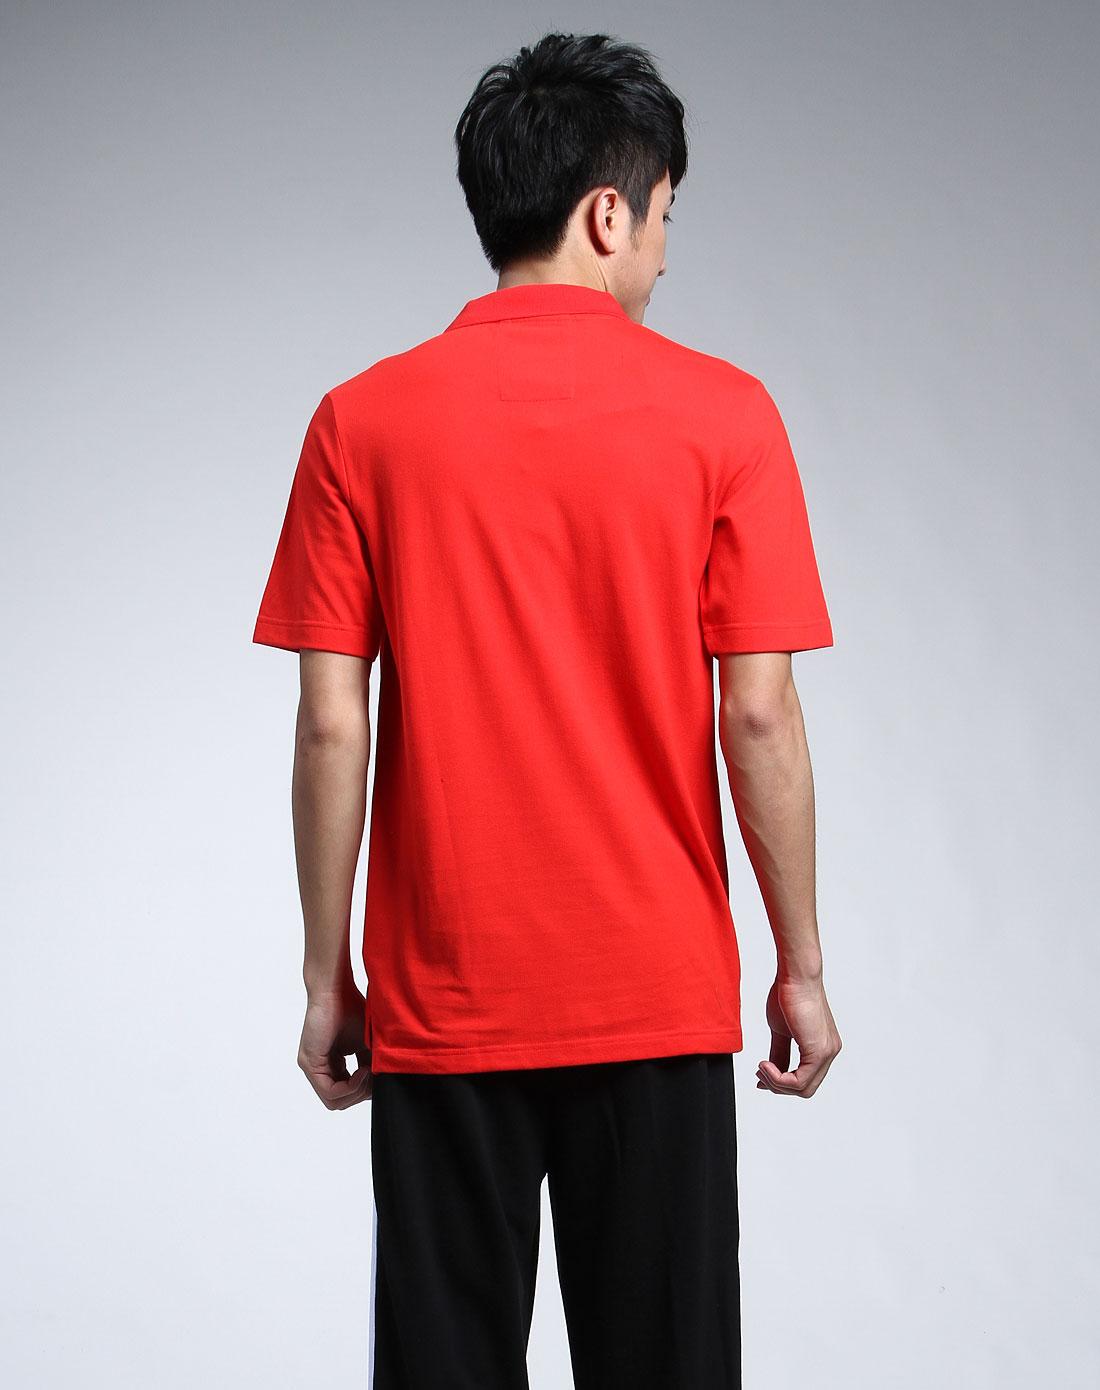 卹�m�#x�F{�Fp_大红色时尚标致短袖polo衫恤